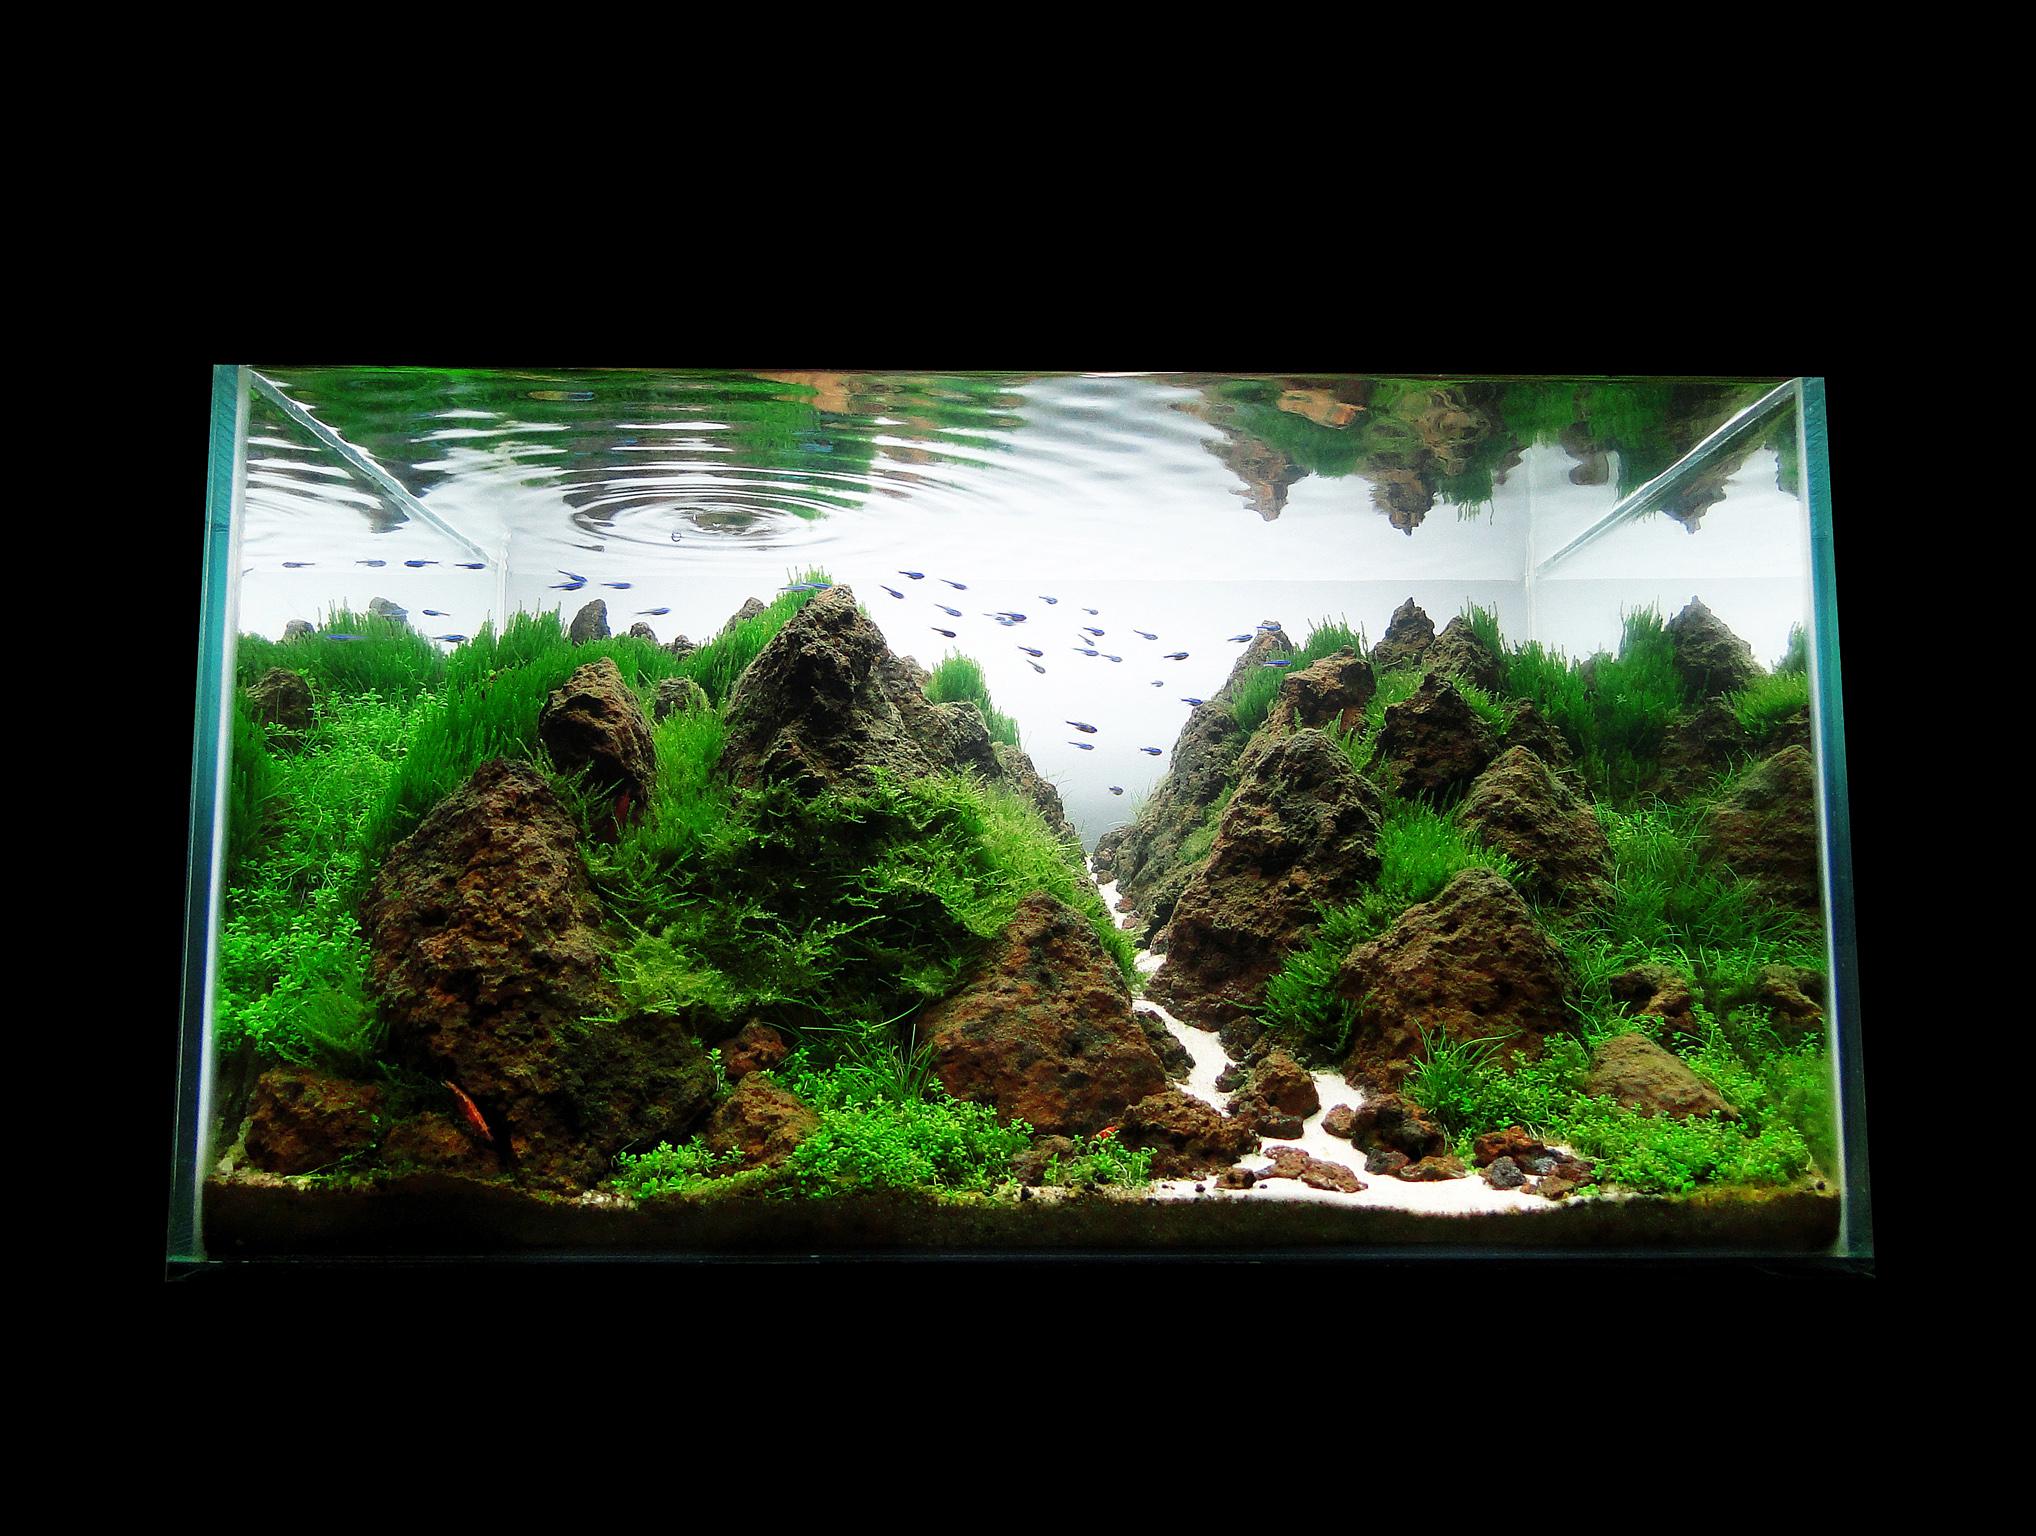 Cl nica acuario rosa p gina 5 - Montaje de acuarios ...